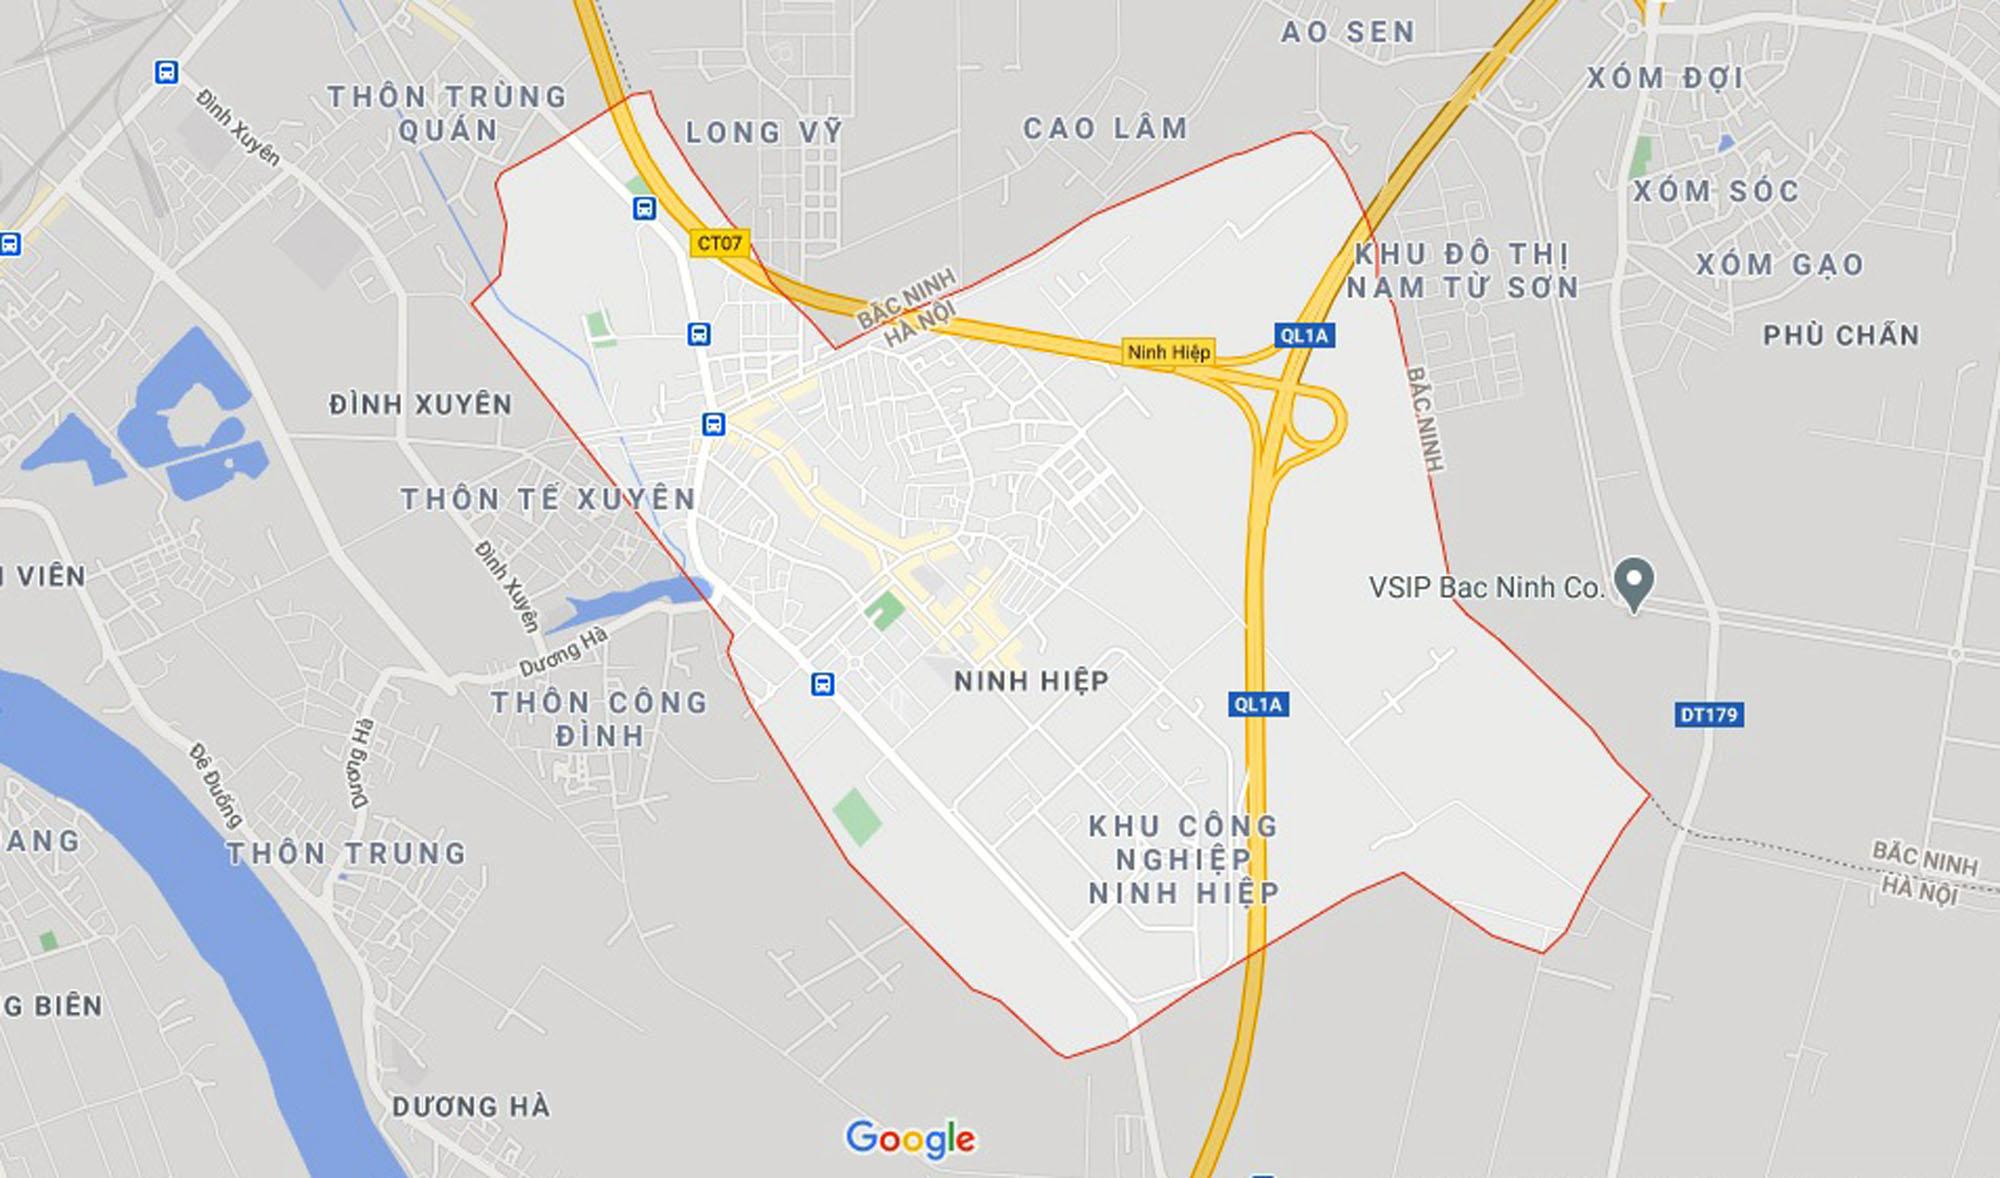 Ba đường sẽ mở theo quy hoạch ở xã Ninh Hiệp, Gia Lâm, Hà Nội - Ảnh 1.